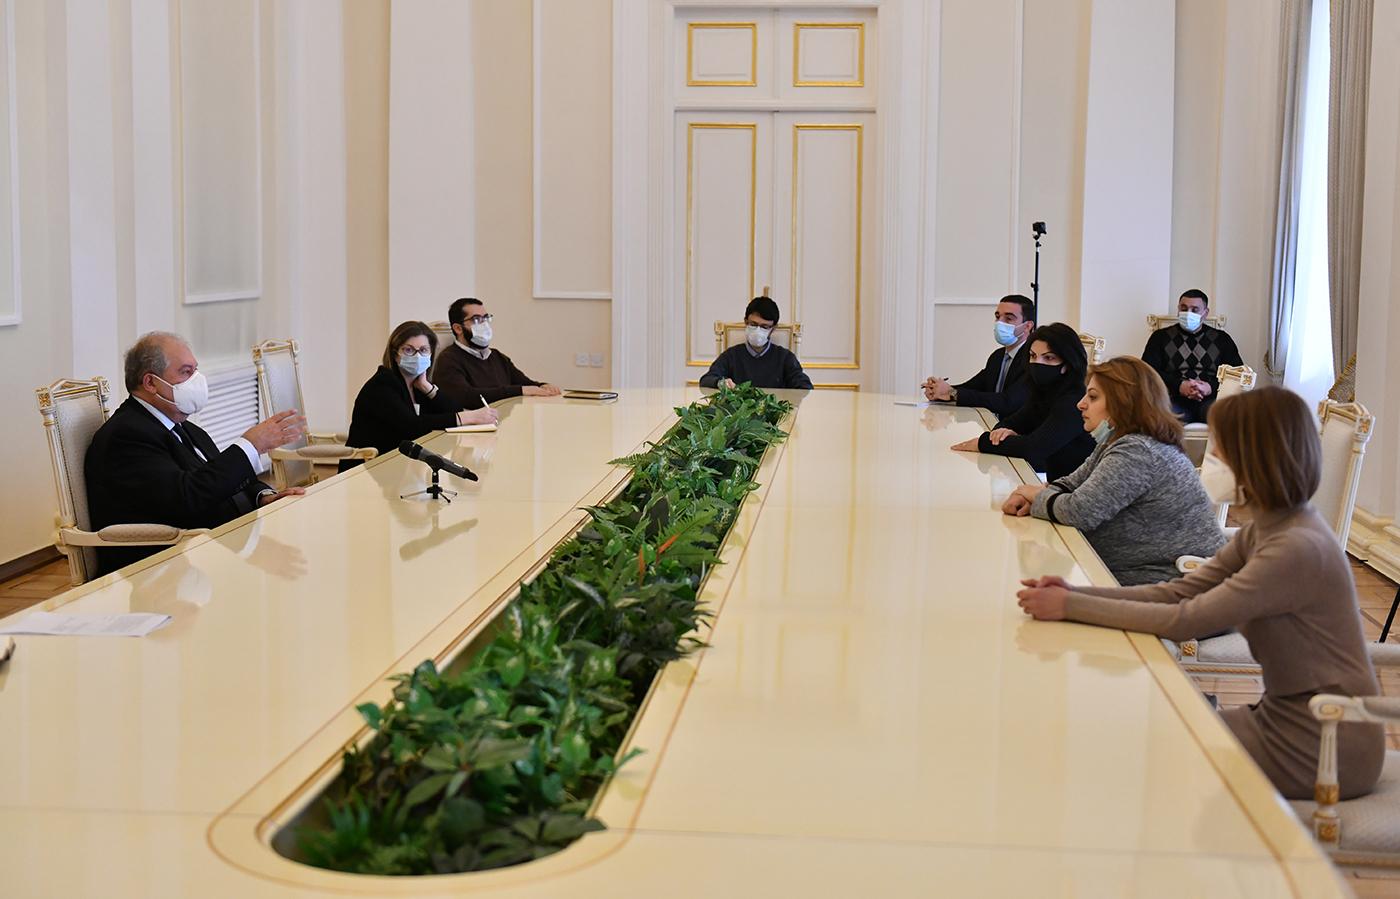 Photo of Պետք է ամեն ինչ անենք, որ բոլորս միասին՝ Հայաստանից մինչև Արցախ, կարողանանք վեր կենալ, կանգնել: Դրա համար էական է, որ որպես ազգ ու պետություն լինենք միասնական. նախագահ Արմեն Սարգսյանն ընդունել է հադրութցիների խմբին